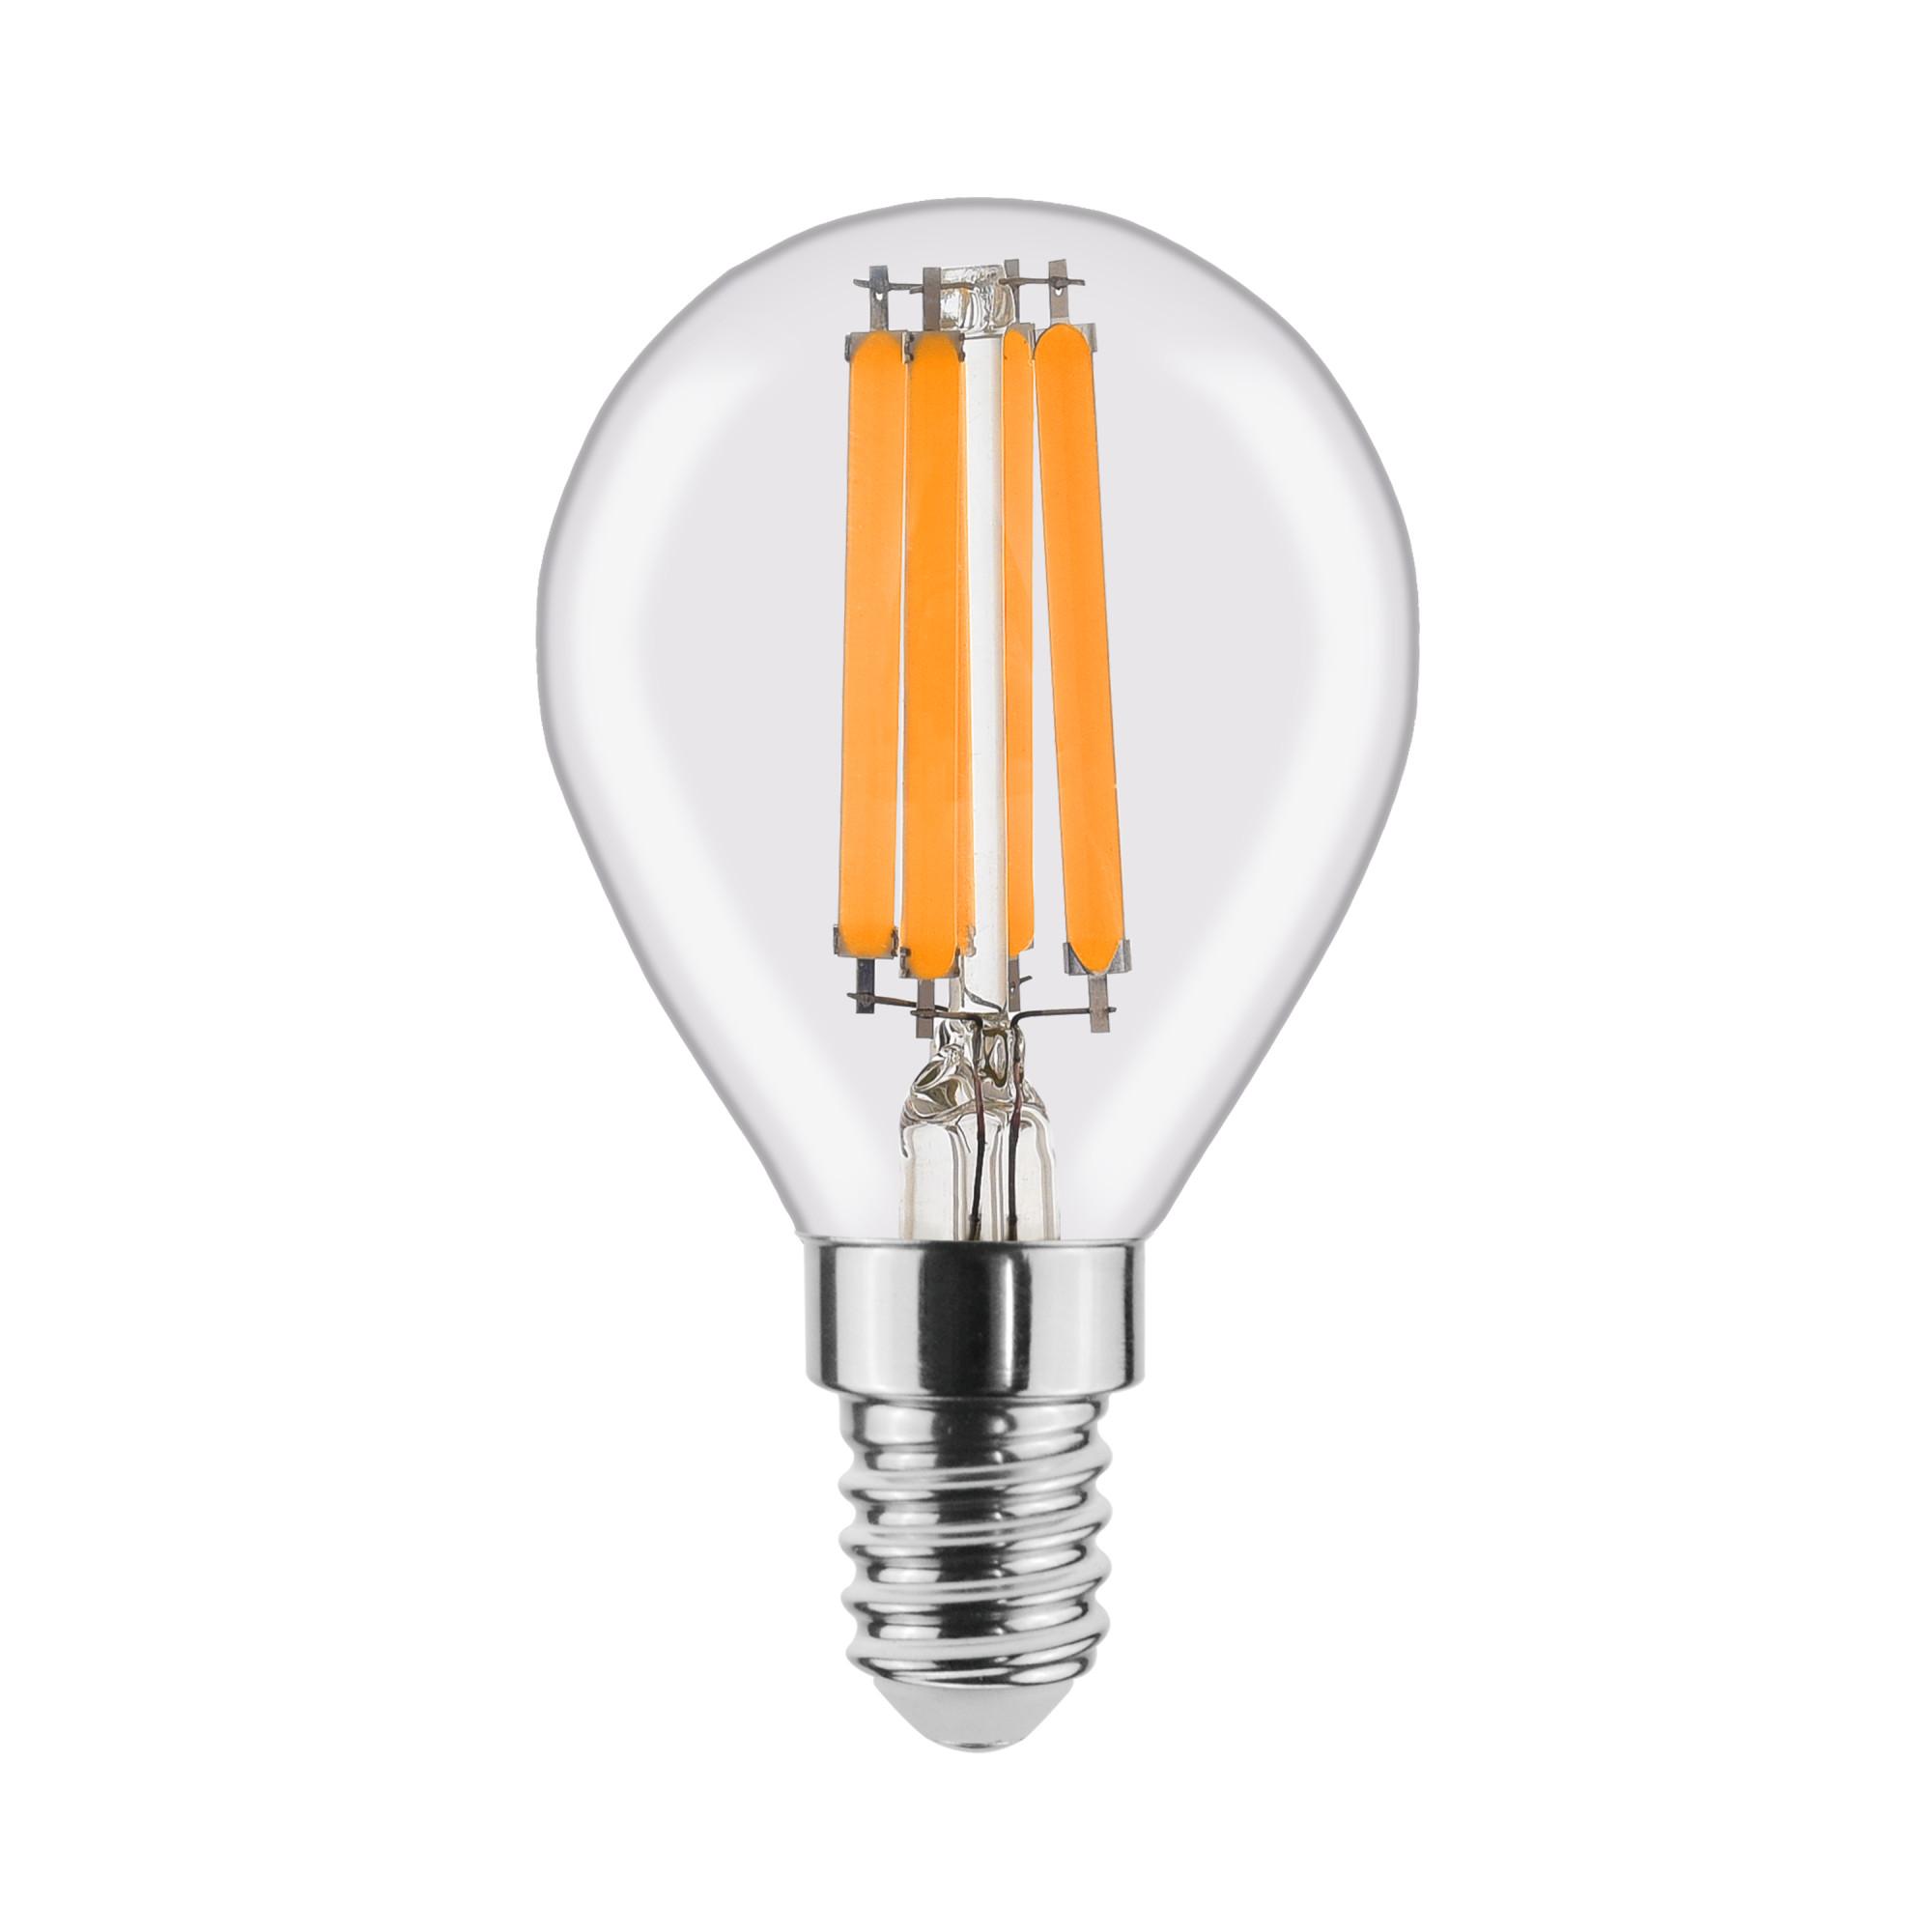 Лампа светодиодная филаментная Lexman E14 220 В 6 Вт шар прозрачный 806 лм тёплый белый свет